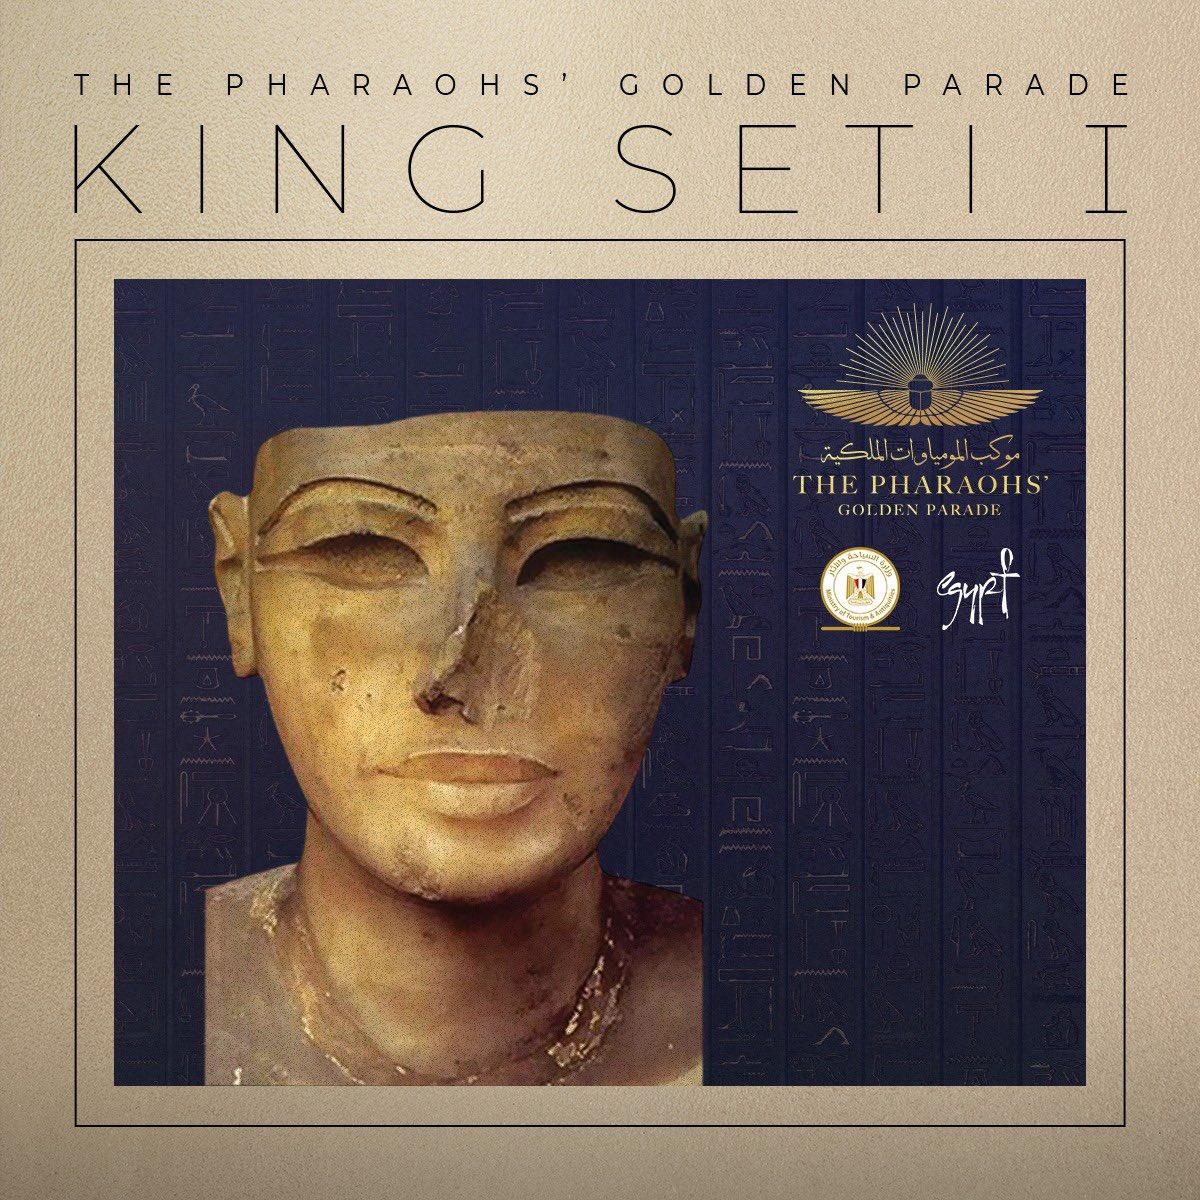 King Seti I